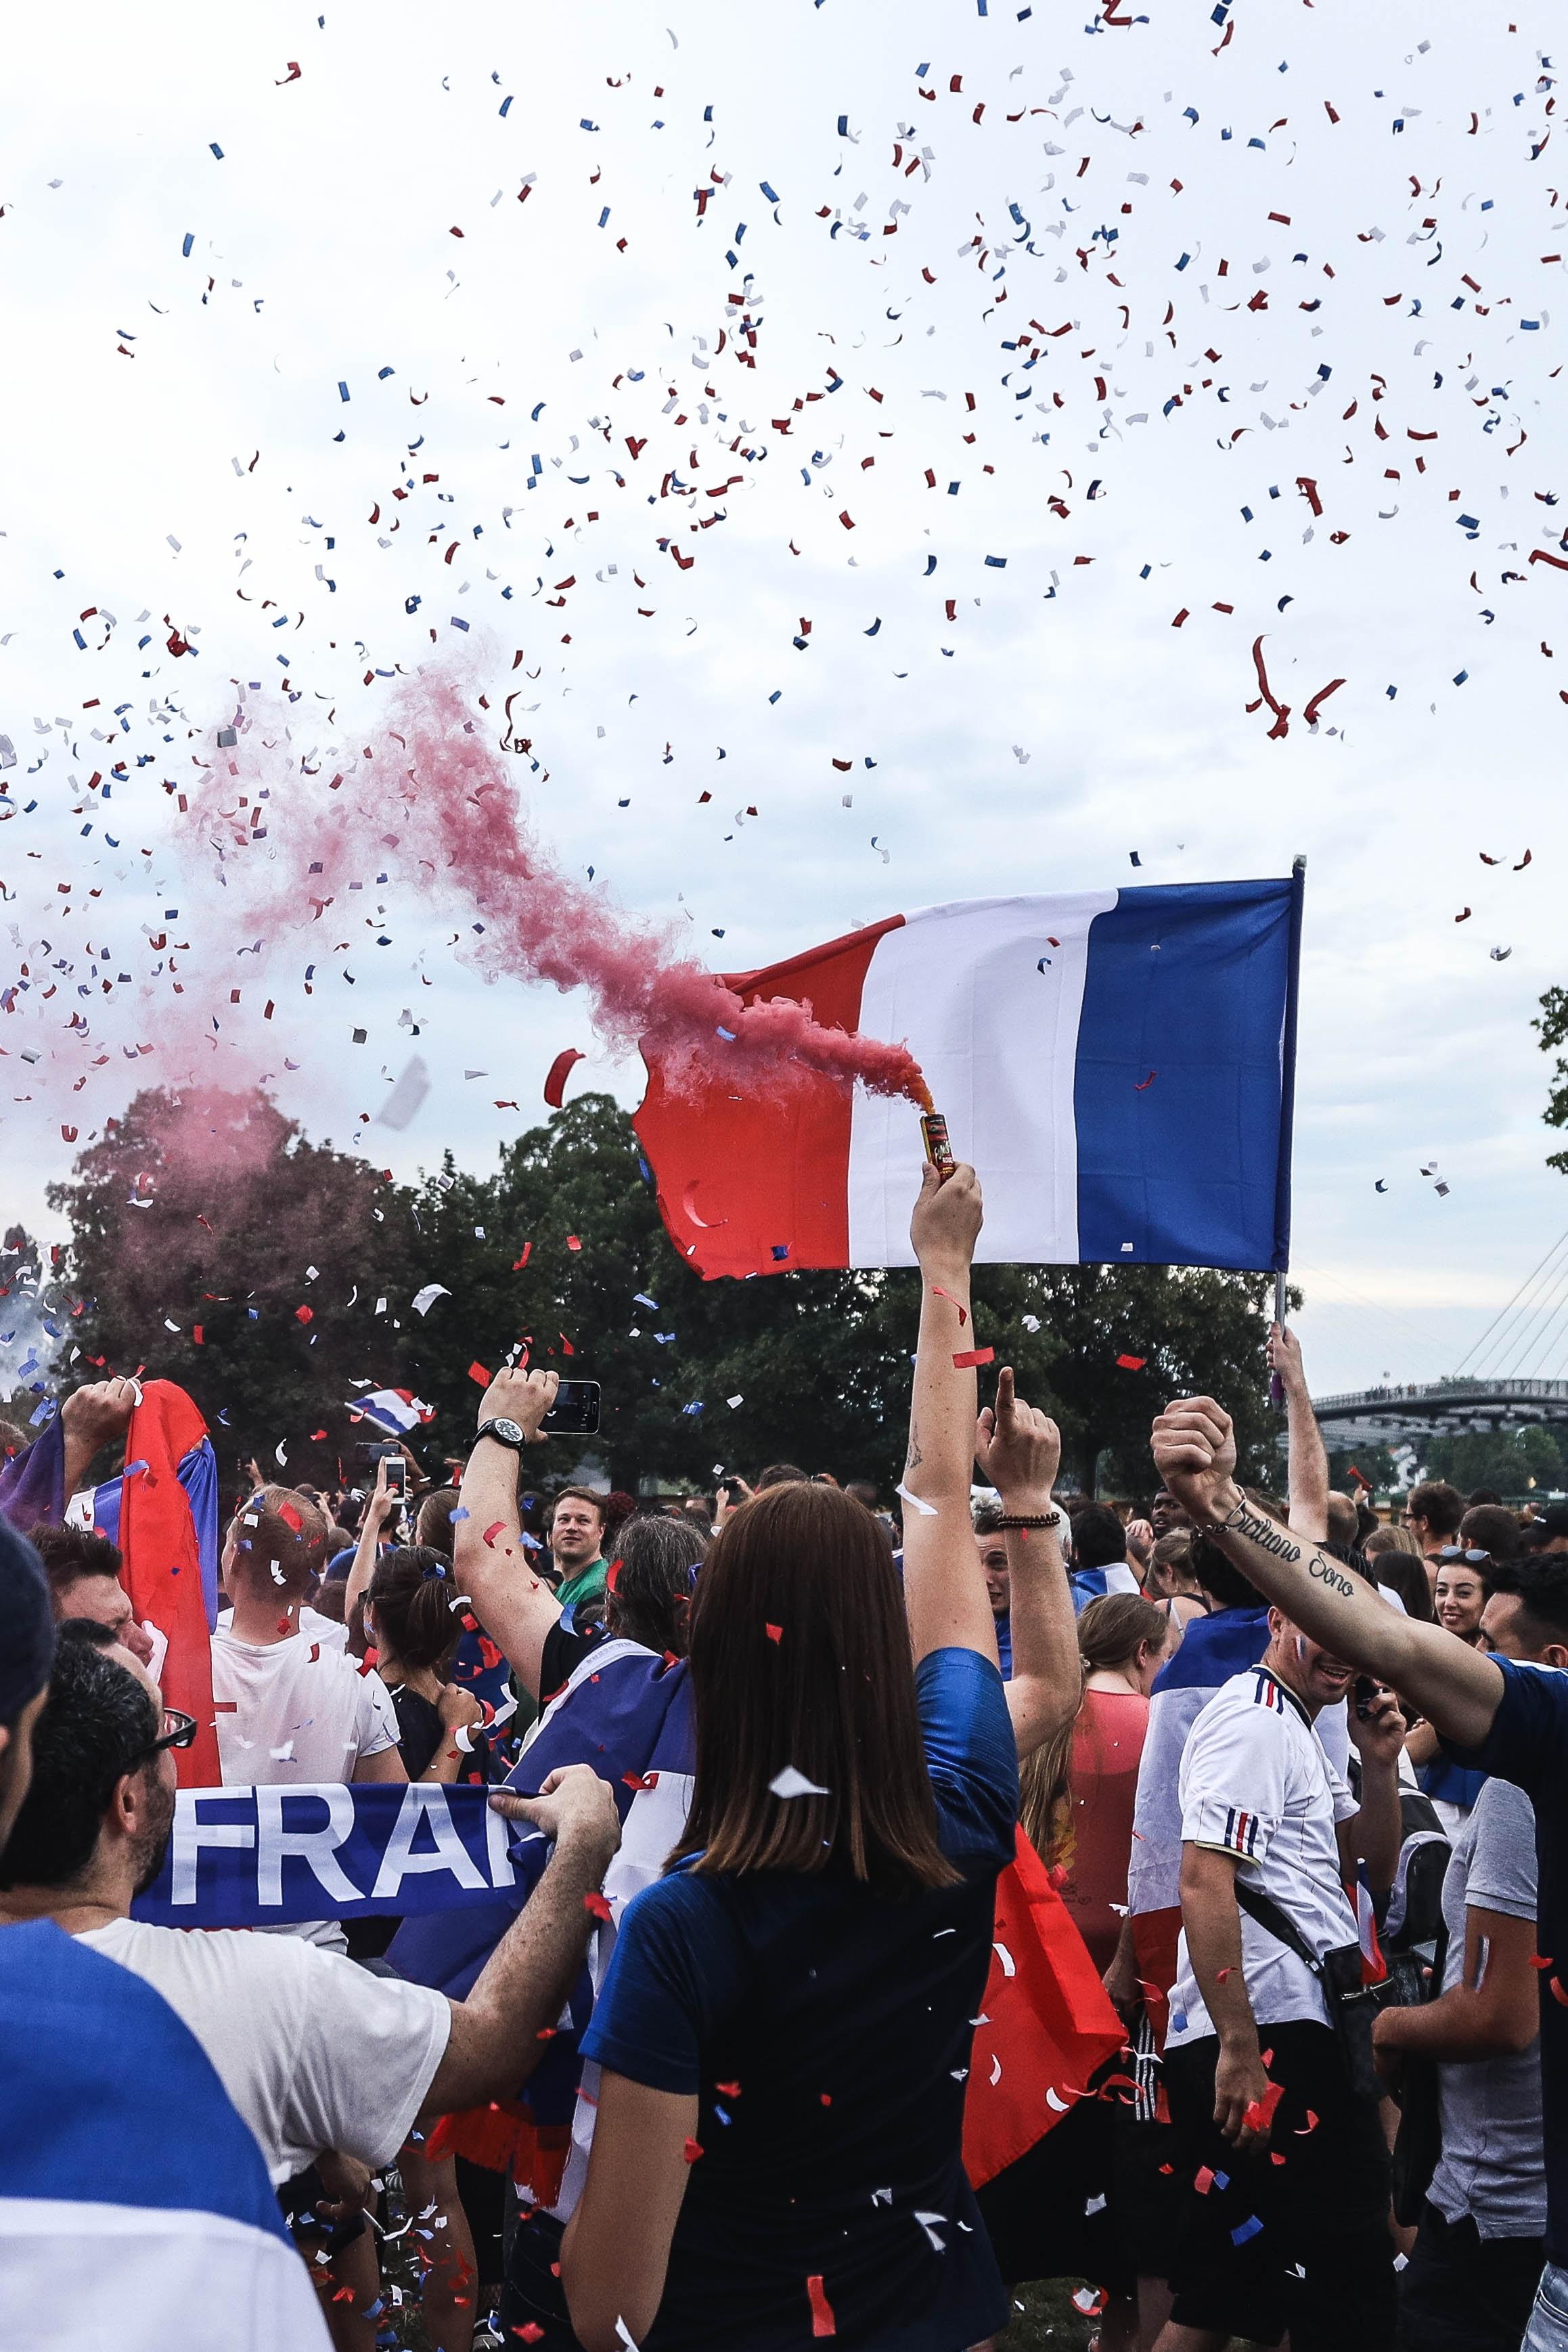 Du lịch tại Pháp có cần xin Visa không?